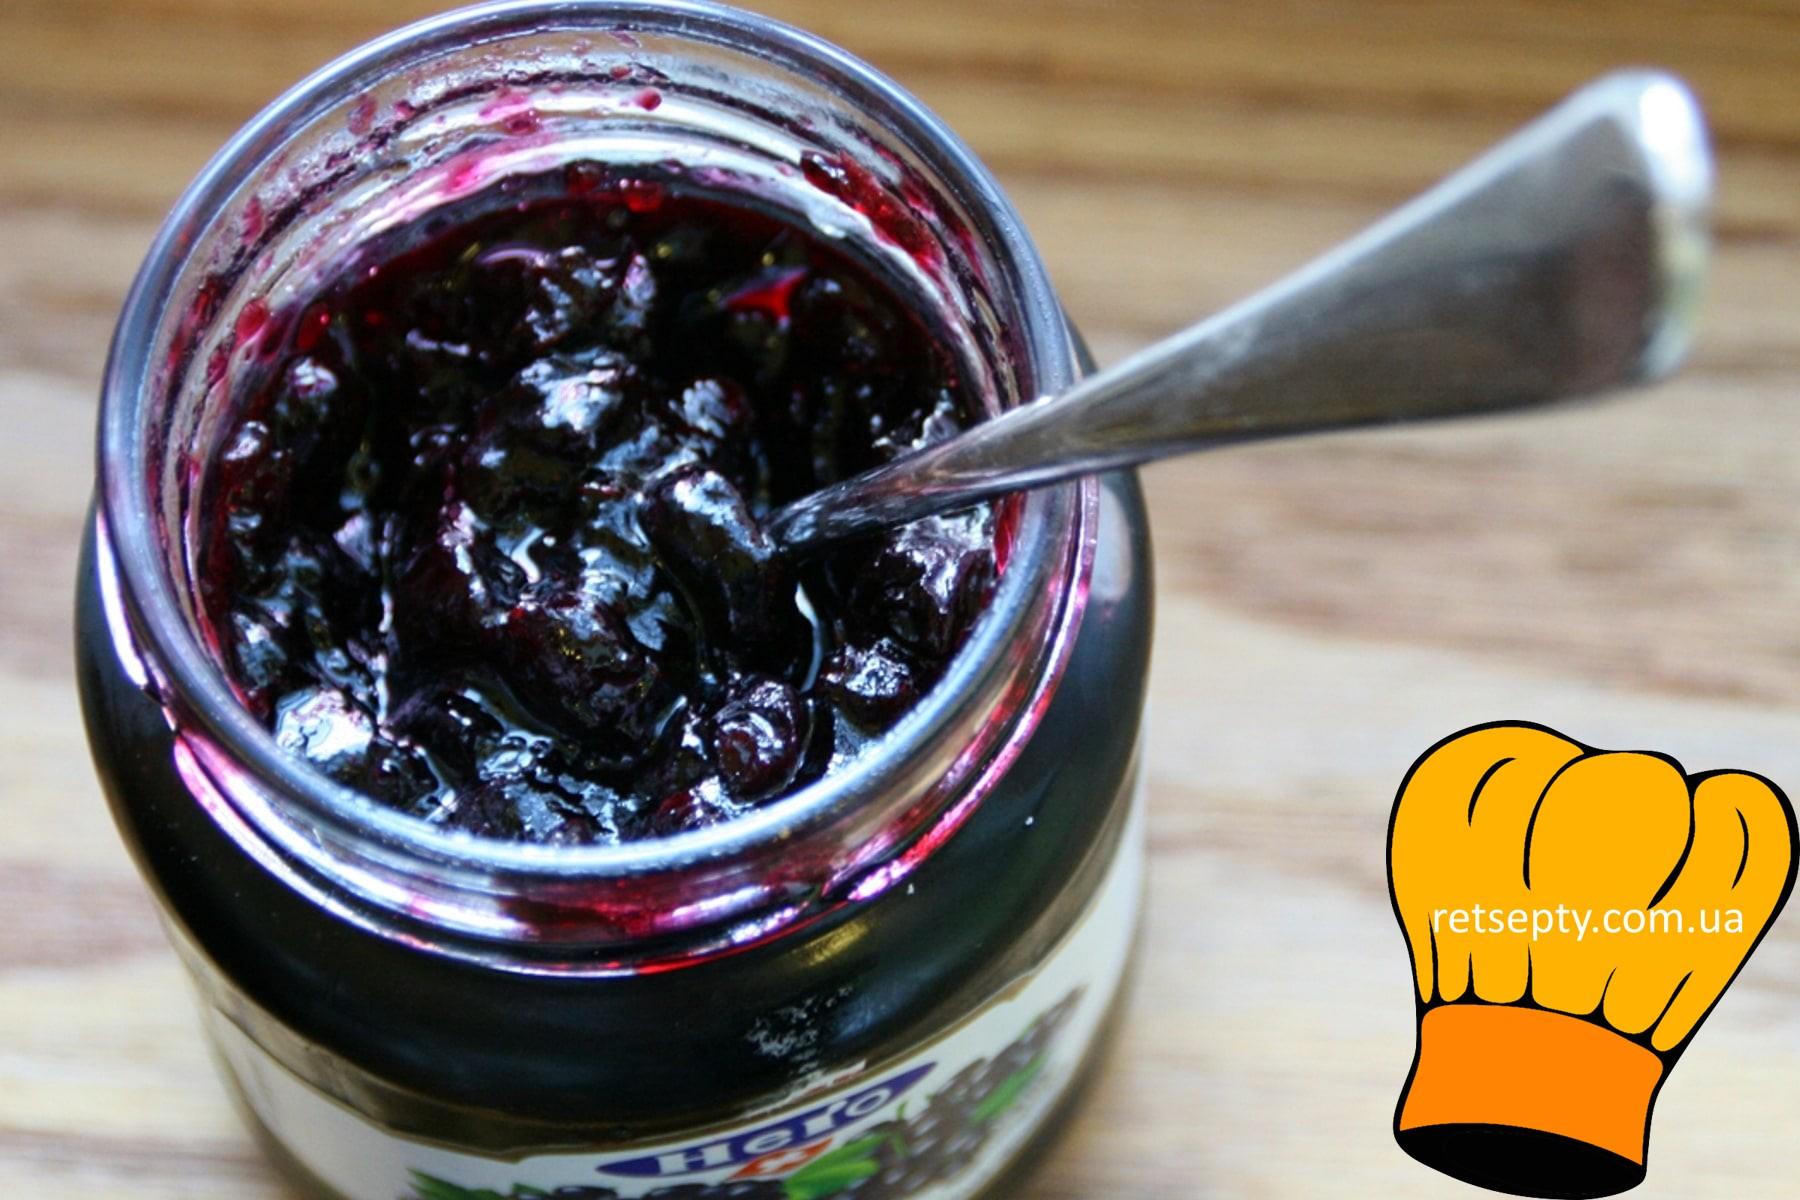 Як приготувати варення з чорної смородини без варіння